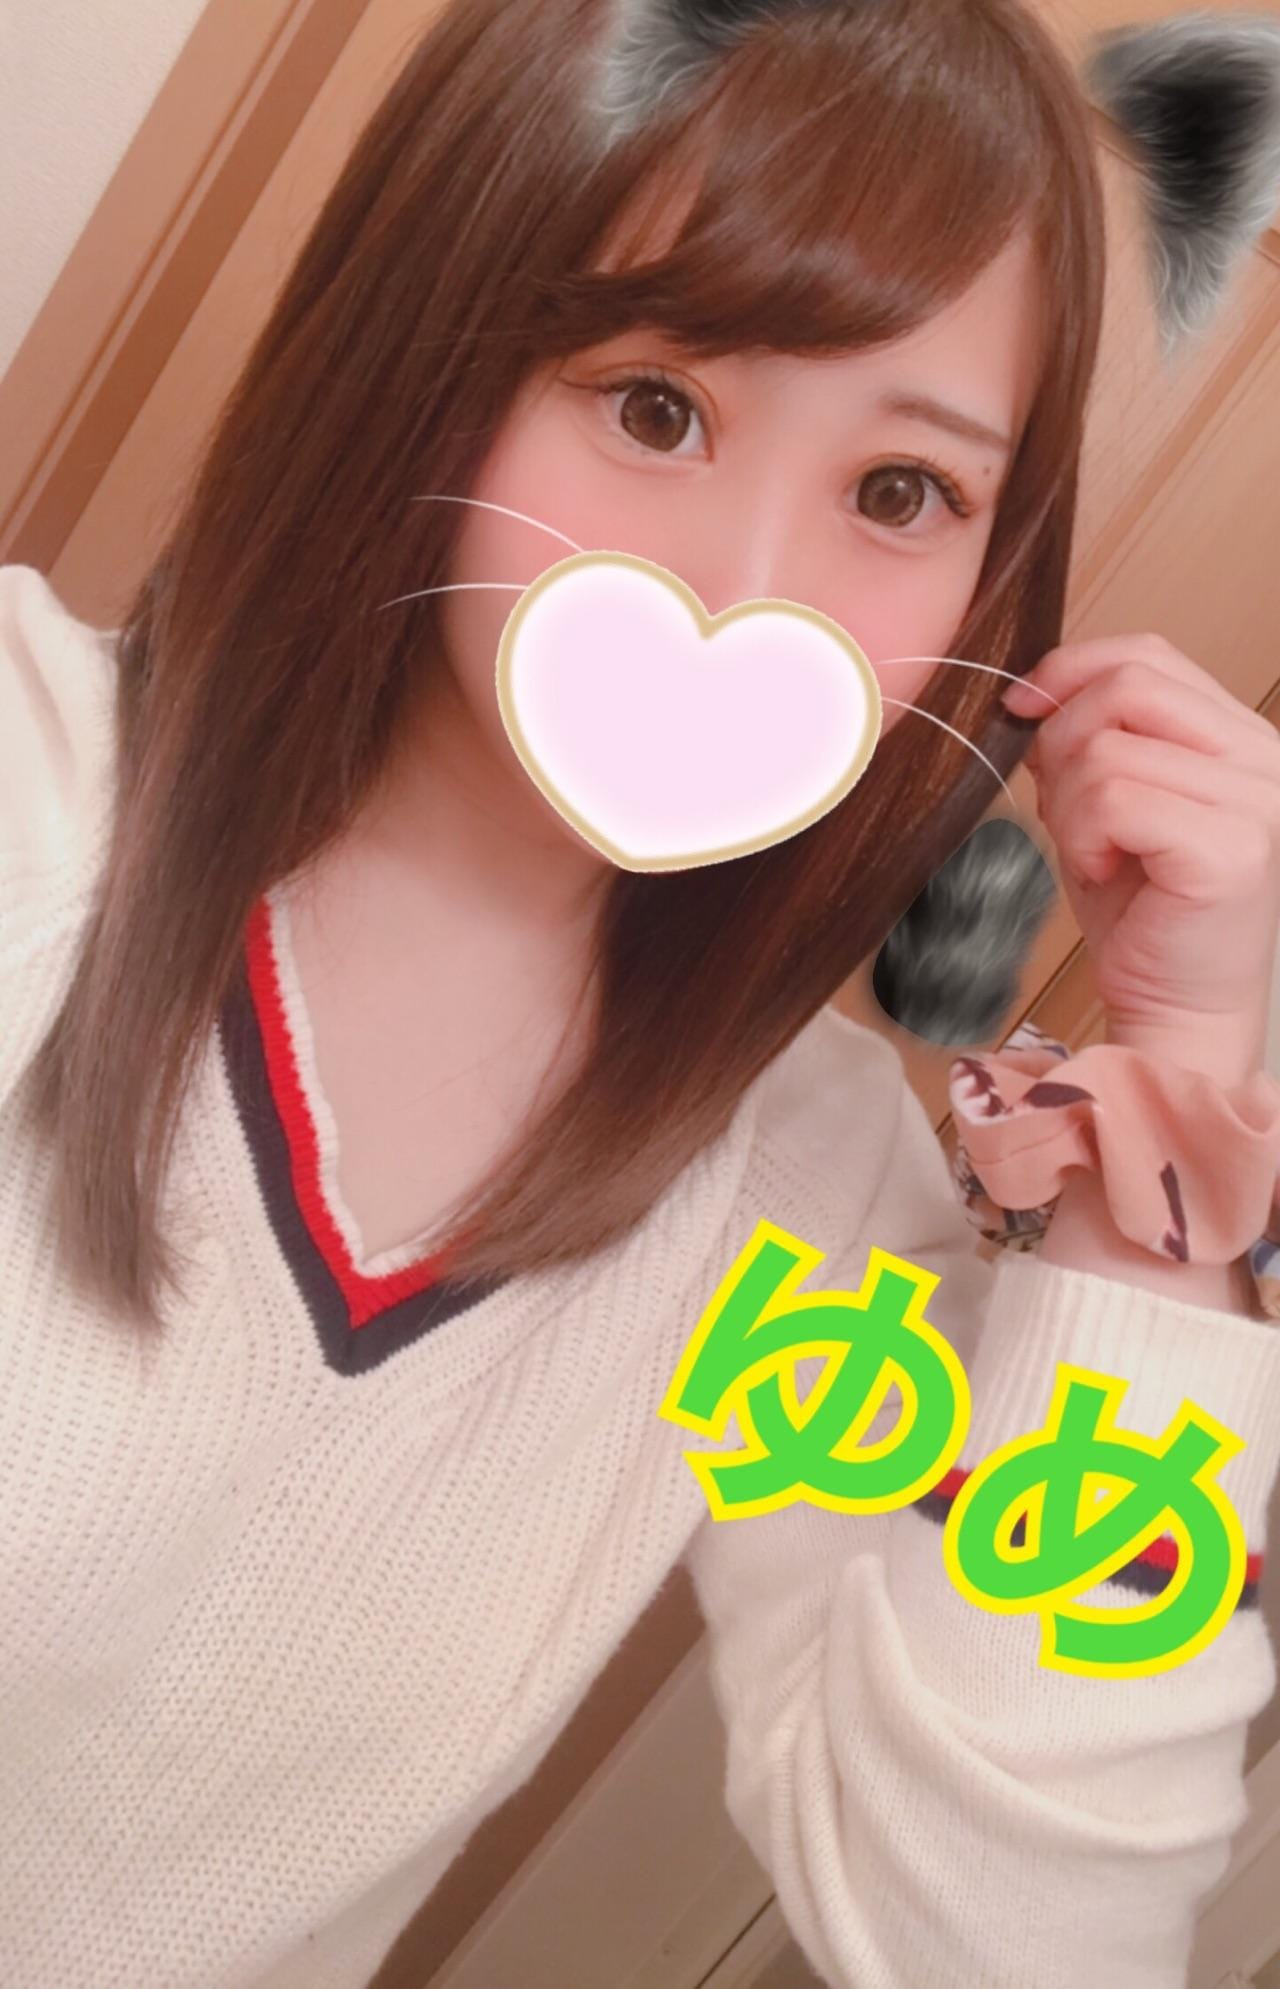 「お礼?」10/11(木) 17:25   ゆめの写メ・風俗動画